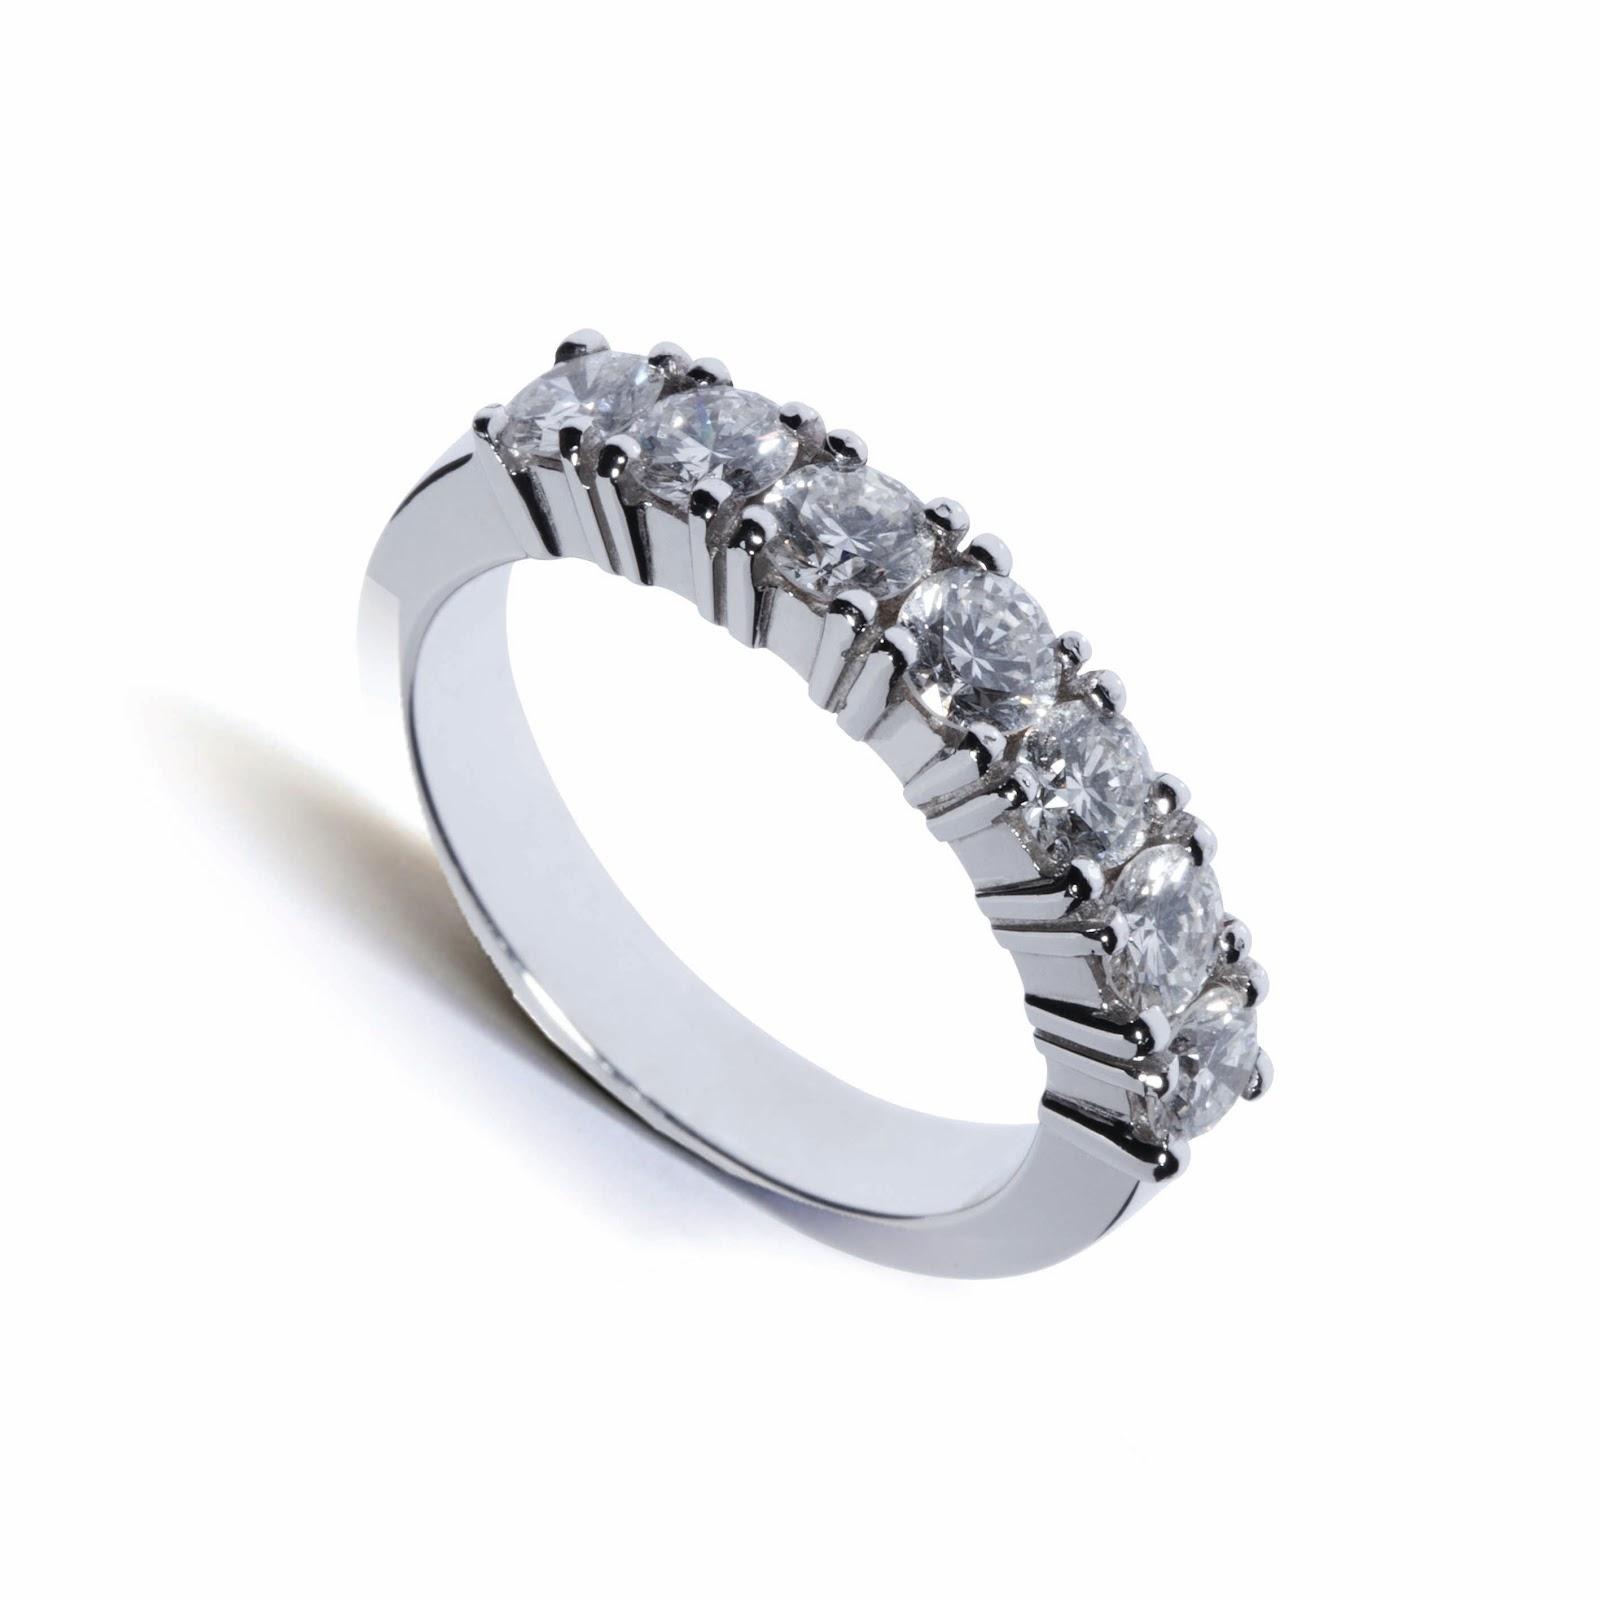 beb3c448976 Sugestões de anéis de noivado e alianças de casamento. O anel de casamento  mais emblemático é o solitário ou aliança de memória com 3